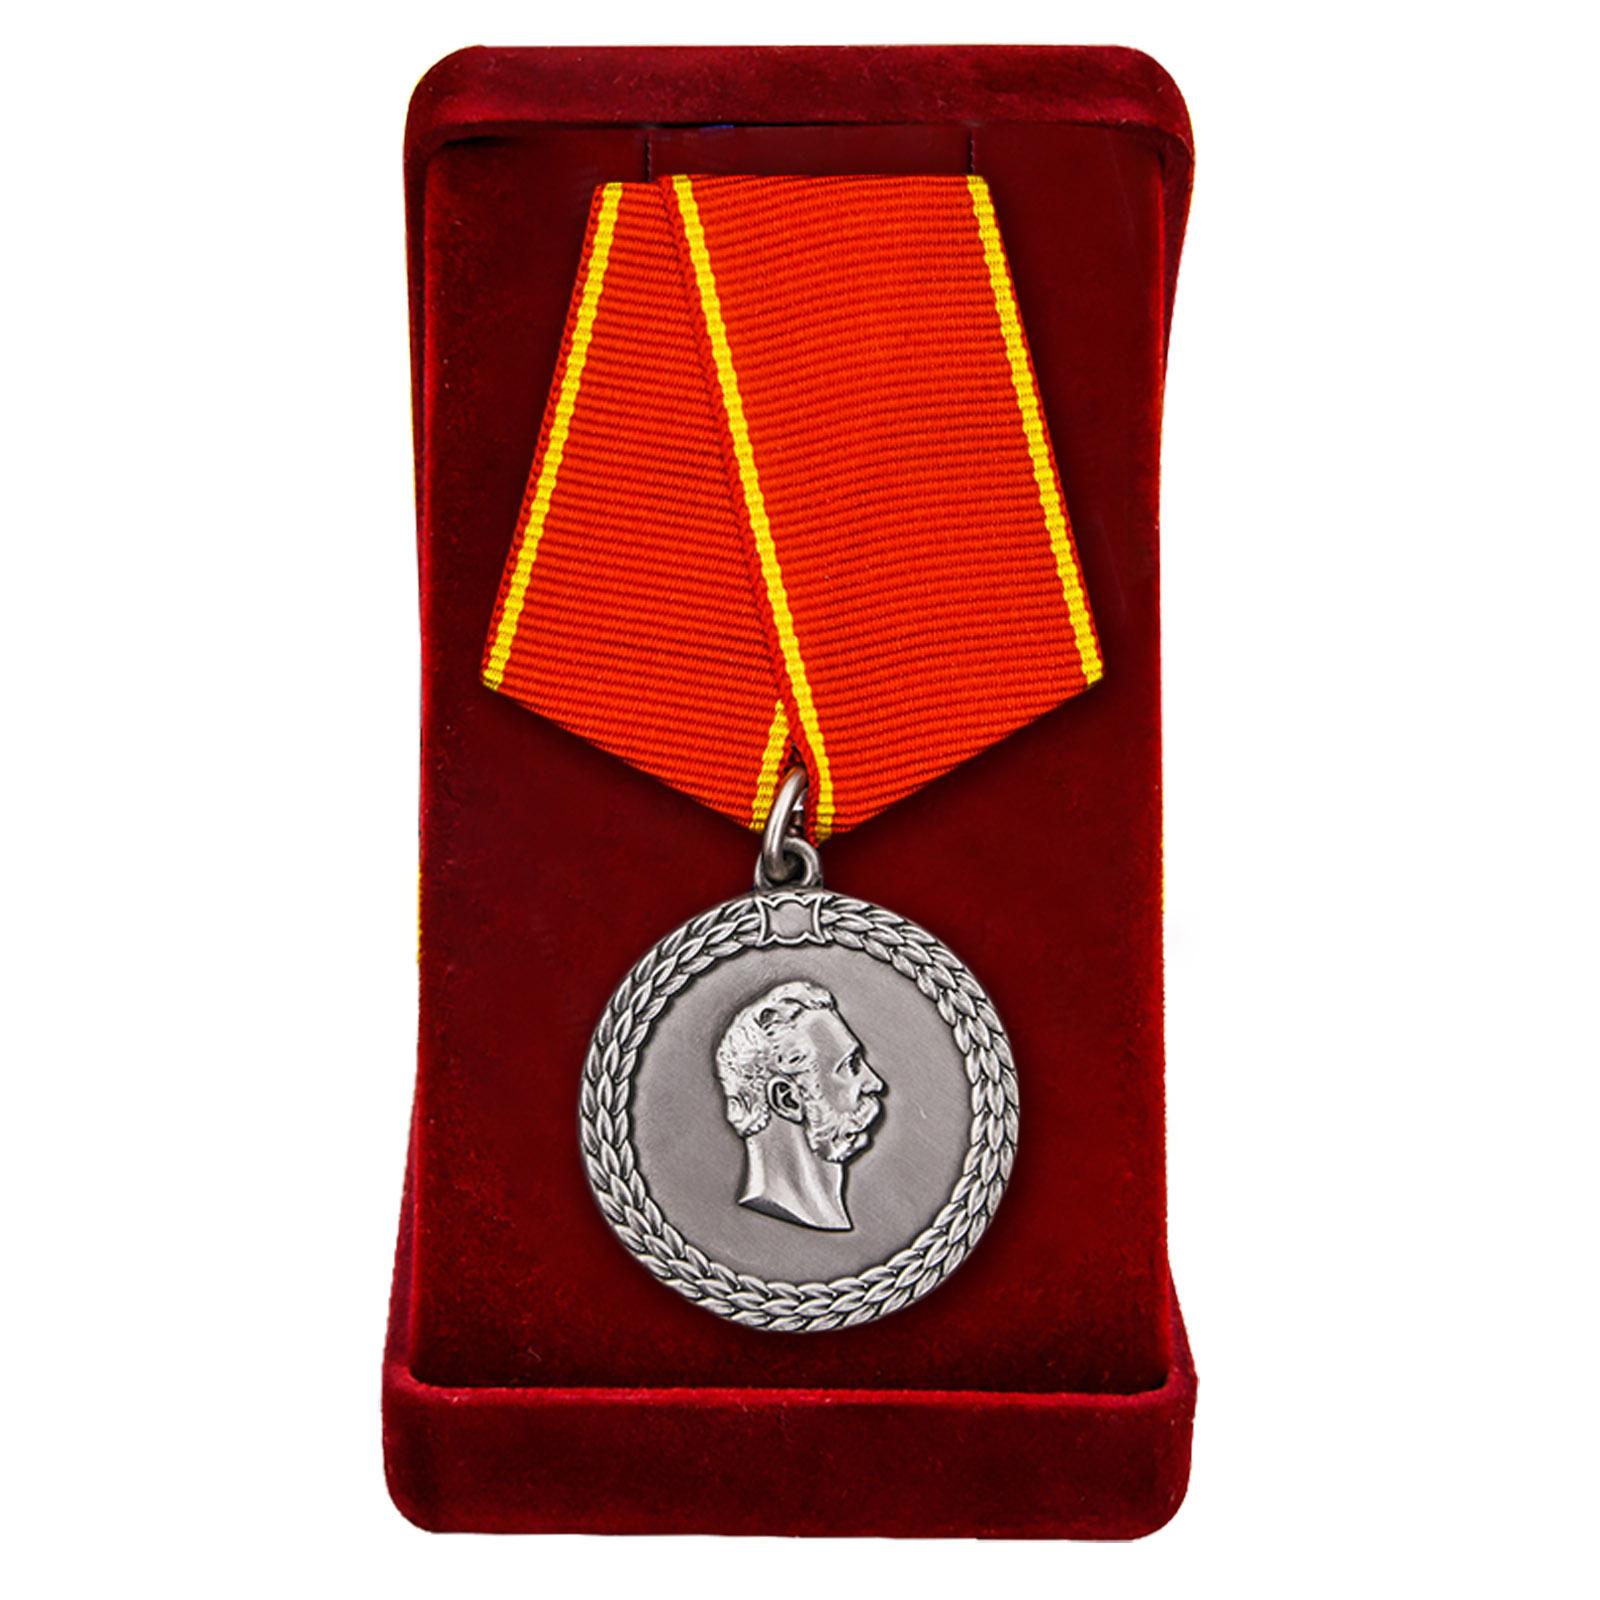 Купить медаль Александра II За беспорочную службу в полиции по лучшей цене